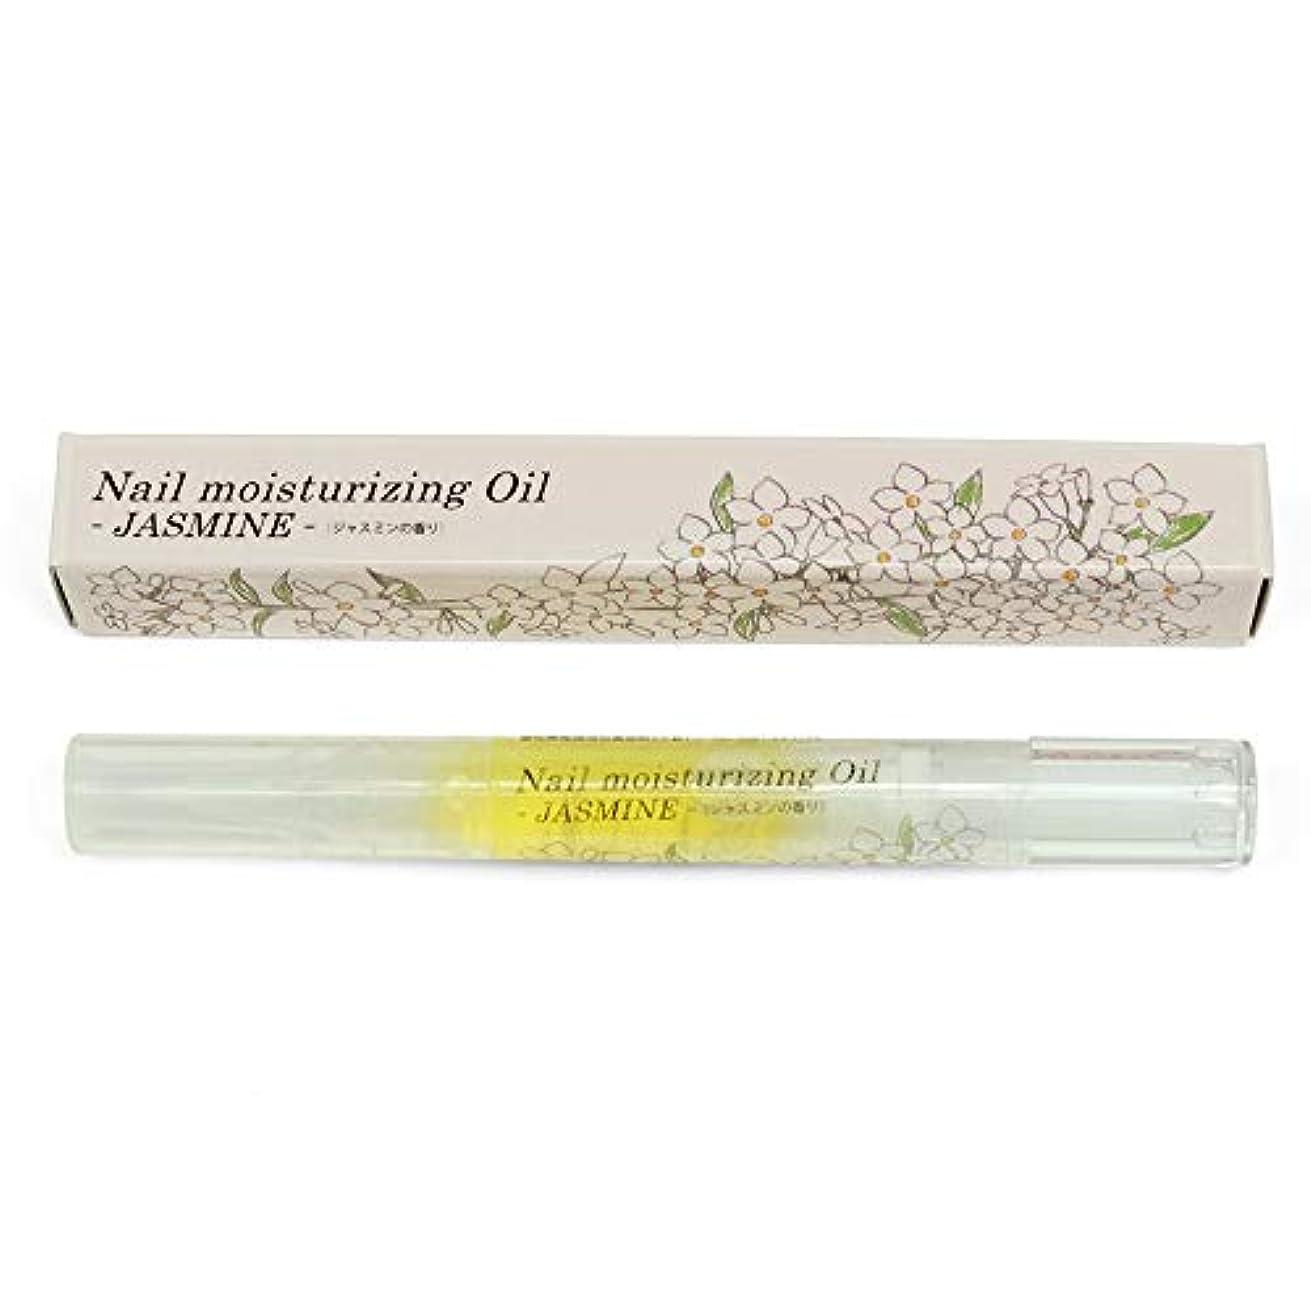 疲労ギャロップ容疑者ease Nail moisturizing Oil ネイルオイルペン(ジャスミンの香り) 2ml